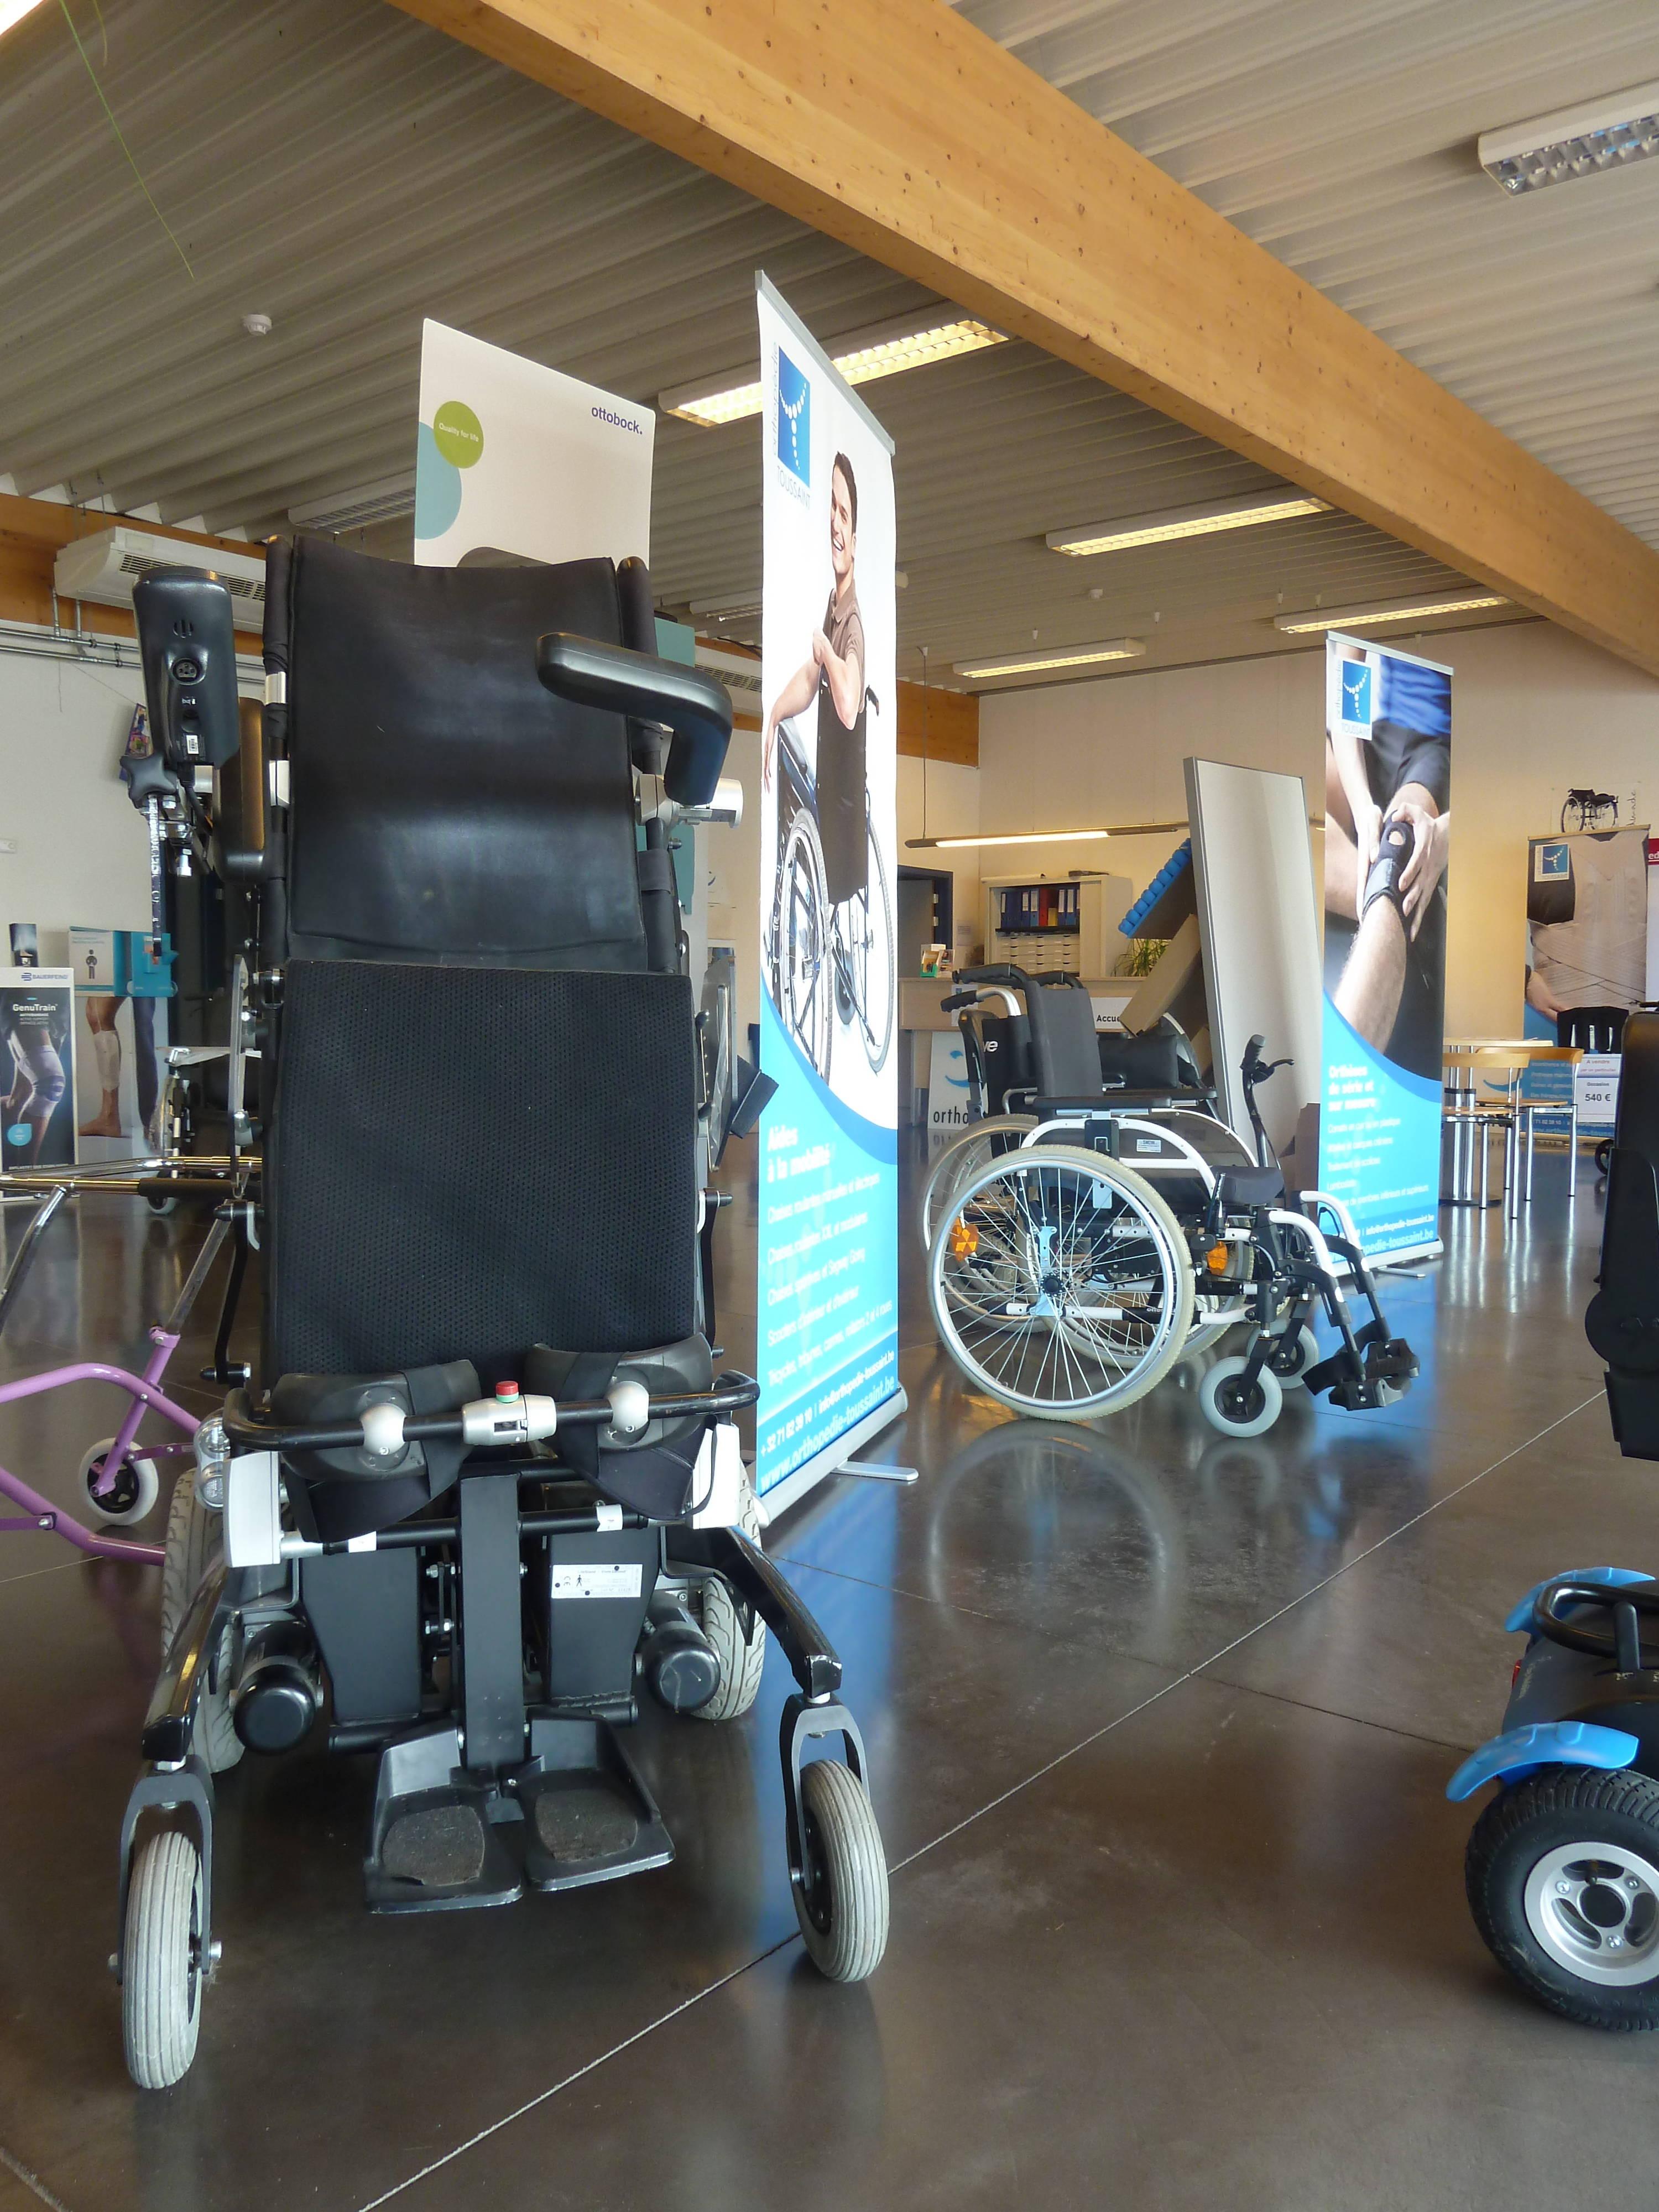 Orthopedie-toussaint-aides-a-la-mobilite-chaise-roulante-fauteuil-roulant-scooter-electrique-fleurus